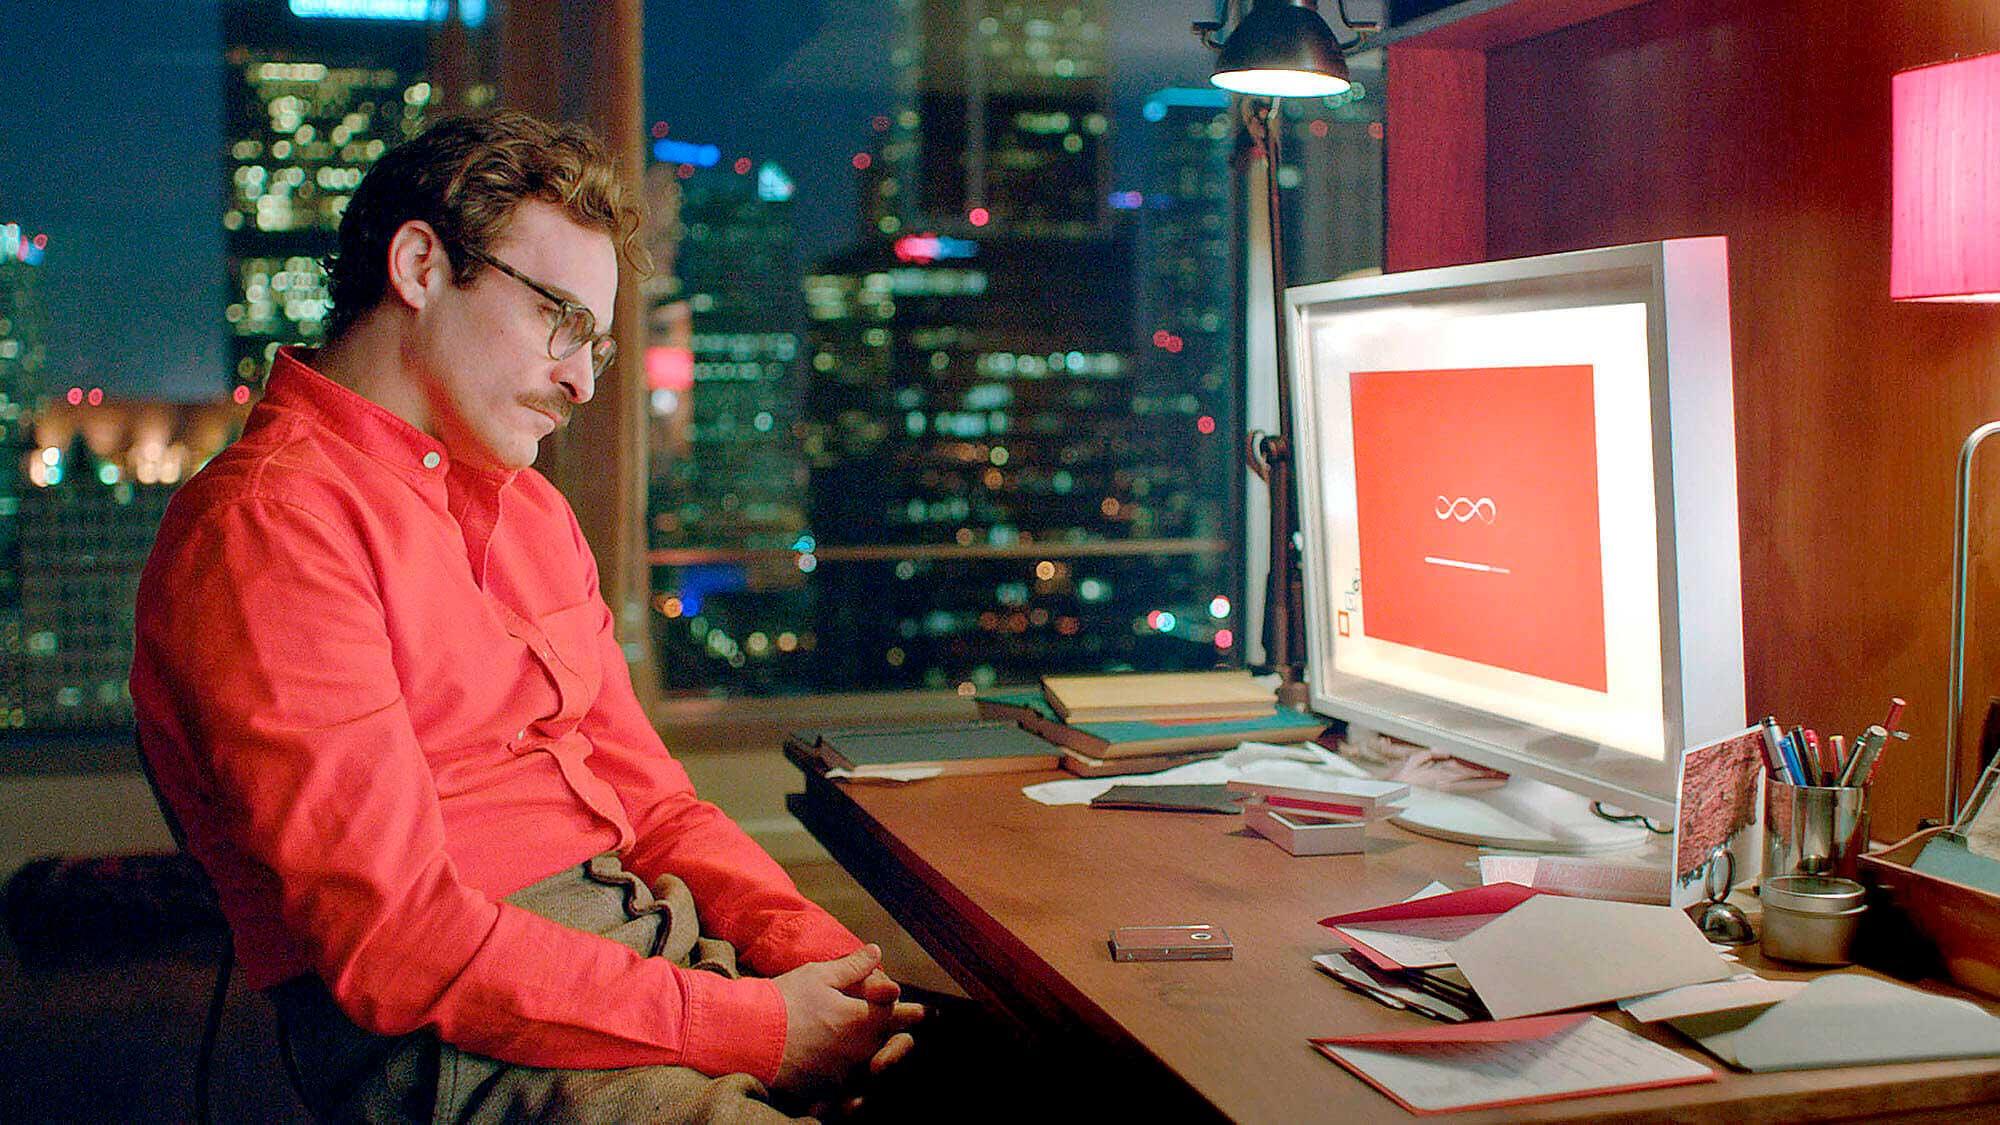 Como a IoT está criando um mundo hiperconectado? - Cena do filme Her onde Theodore observa a tela de seu computador.